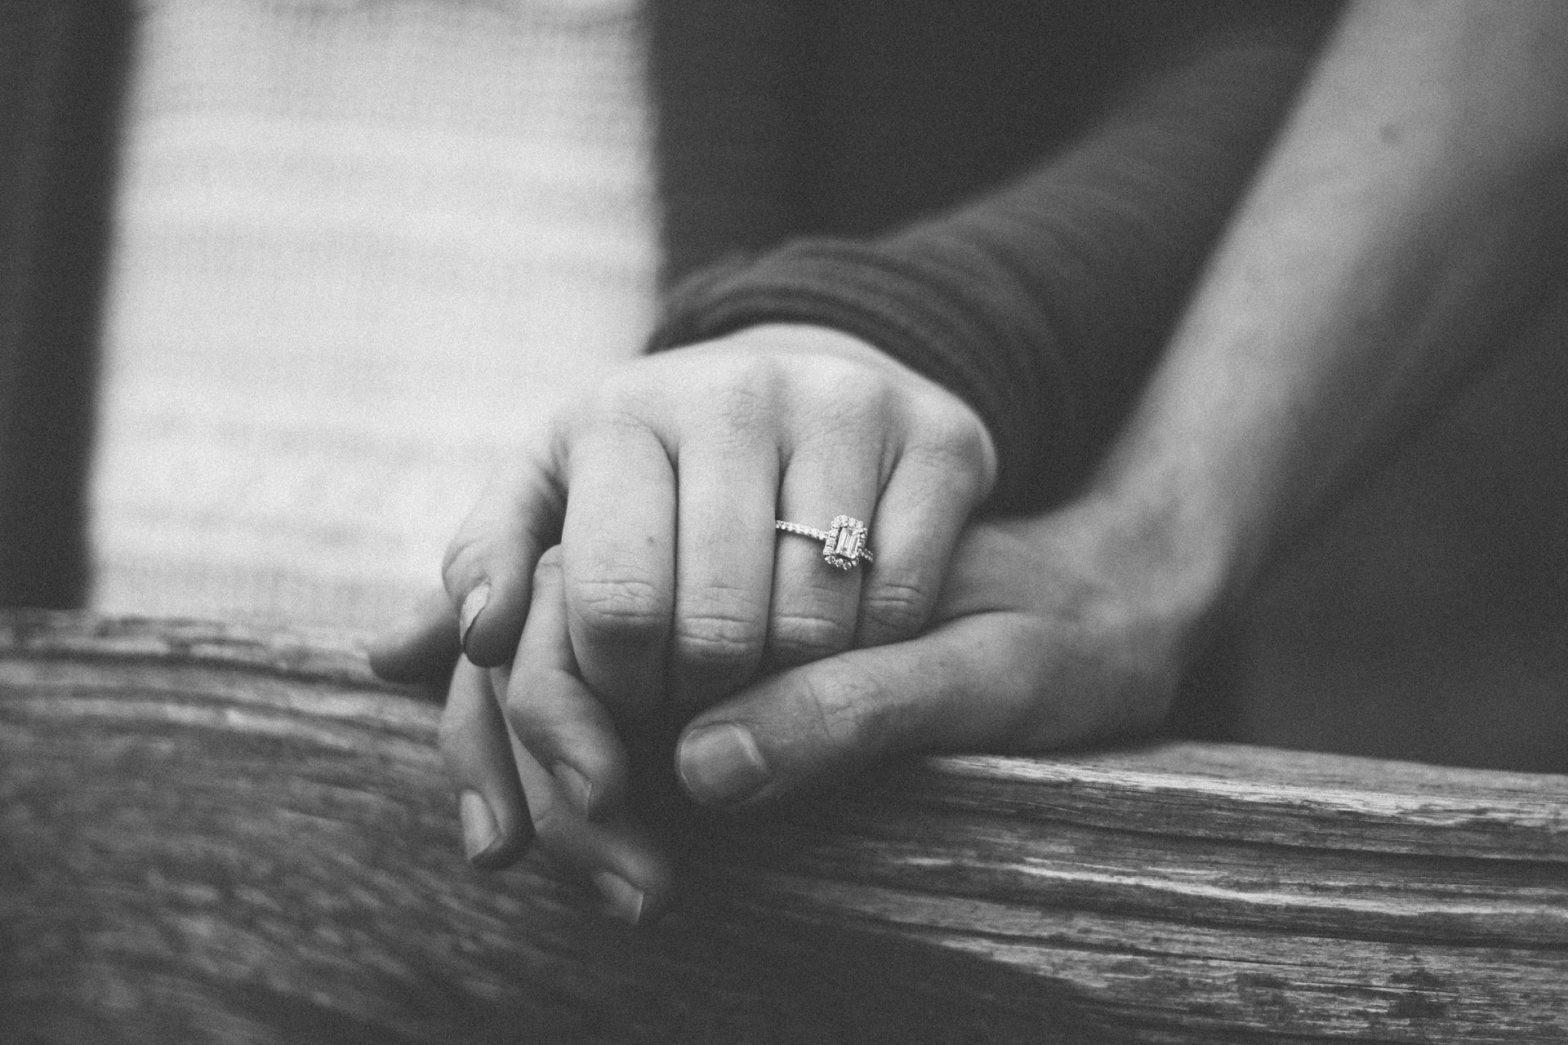 Quali diritti per le coppie di fatto?